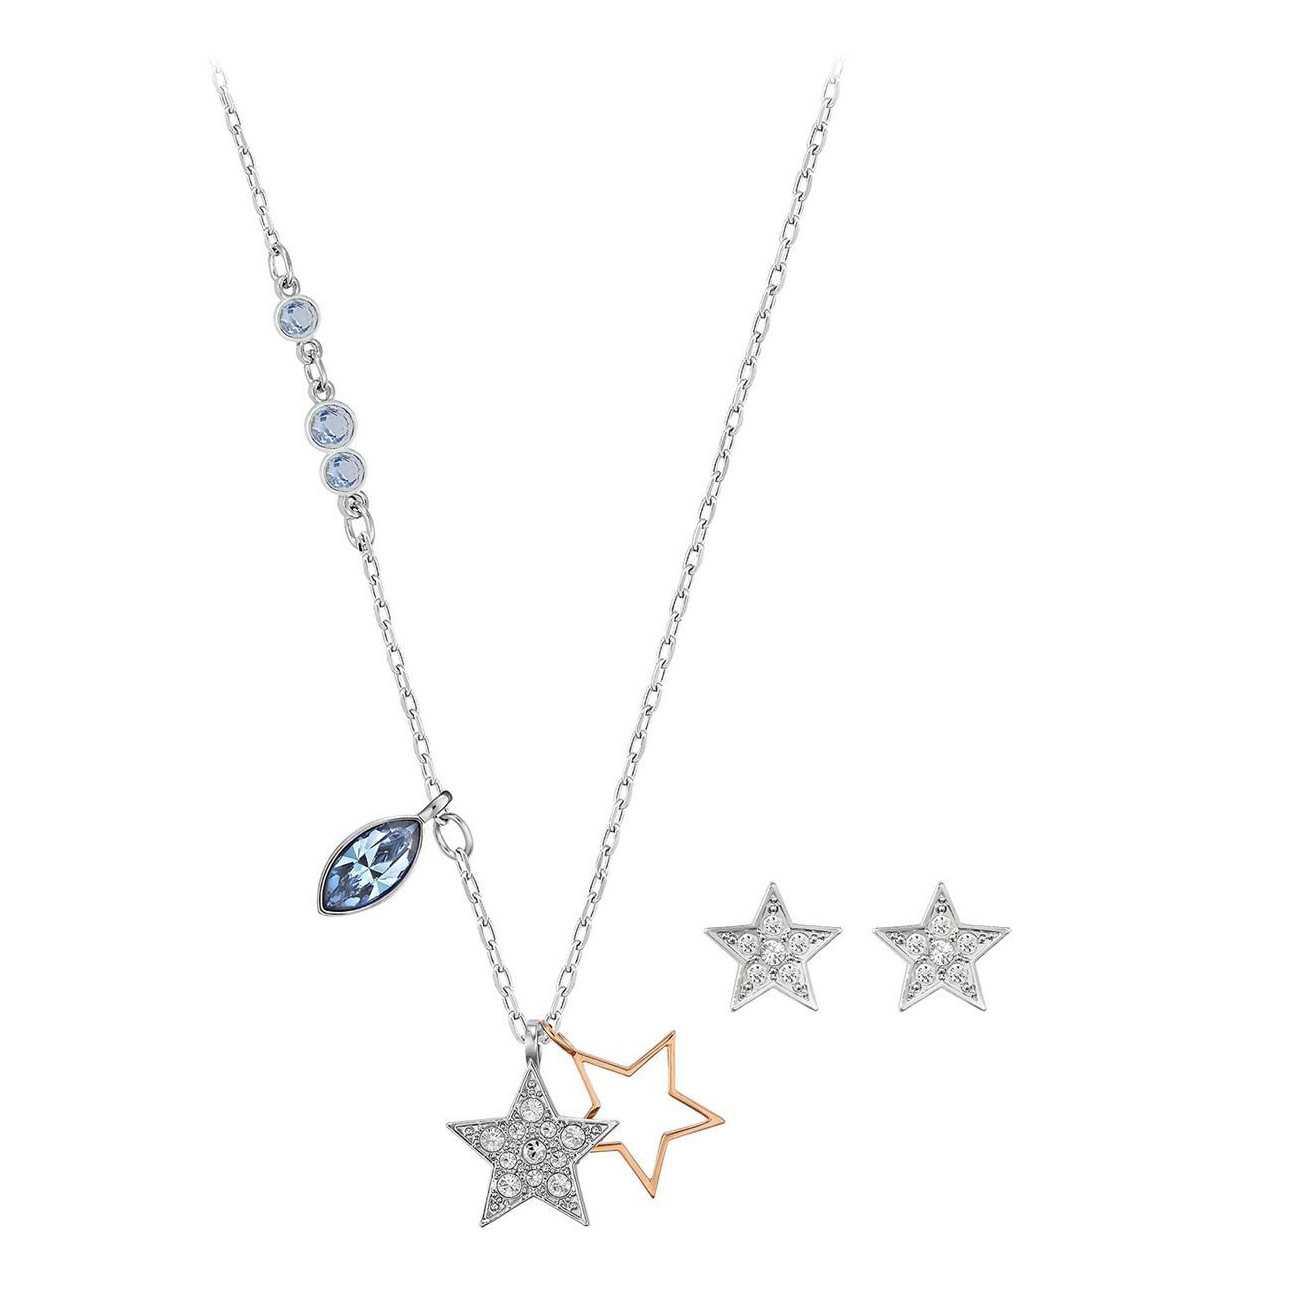 DUO SET STAR imagine produs